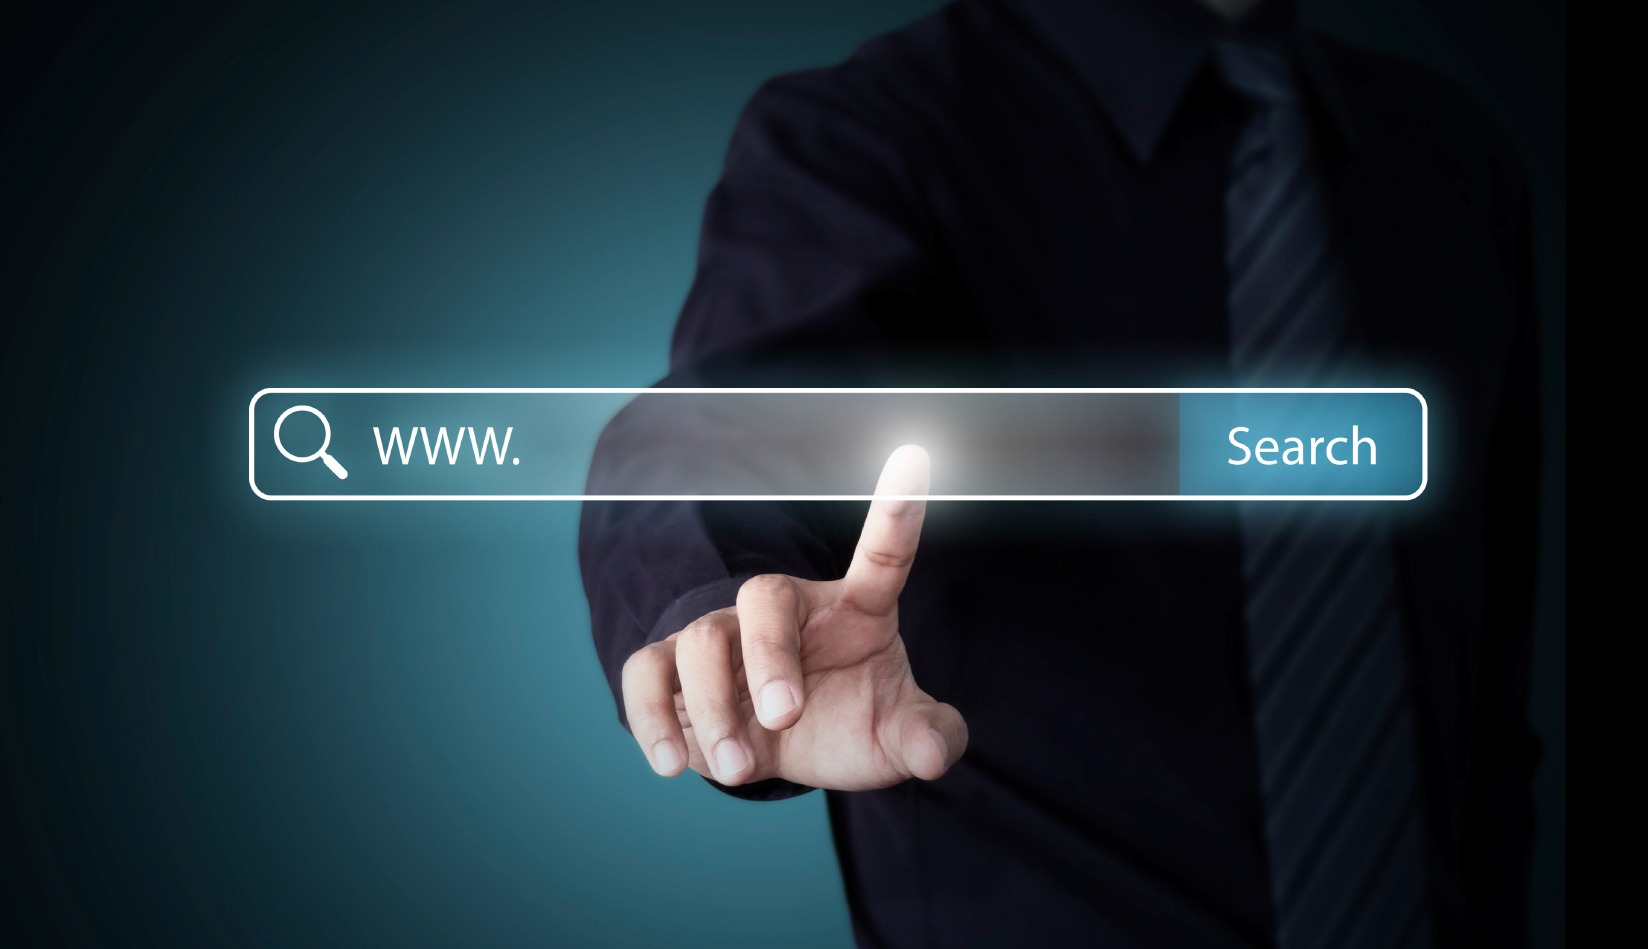 أكثر 5 متصفحات أمانا وحماية للخصوصية على الإنترنت.. ليس من بينها جوجل كروم